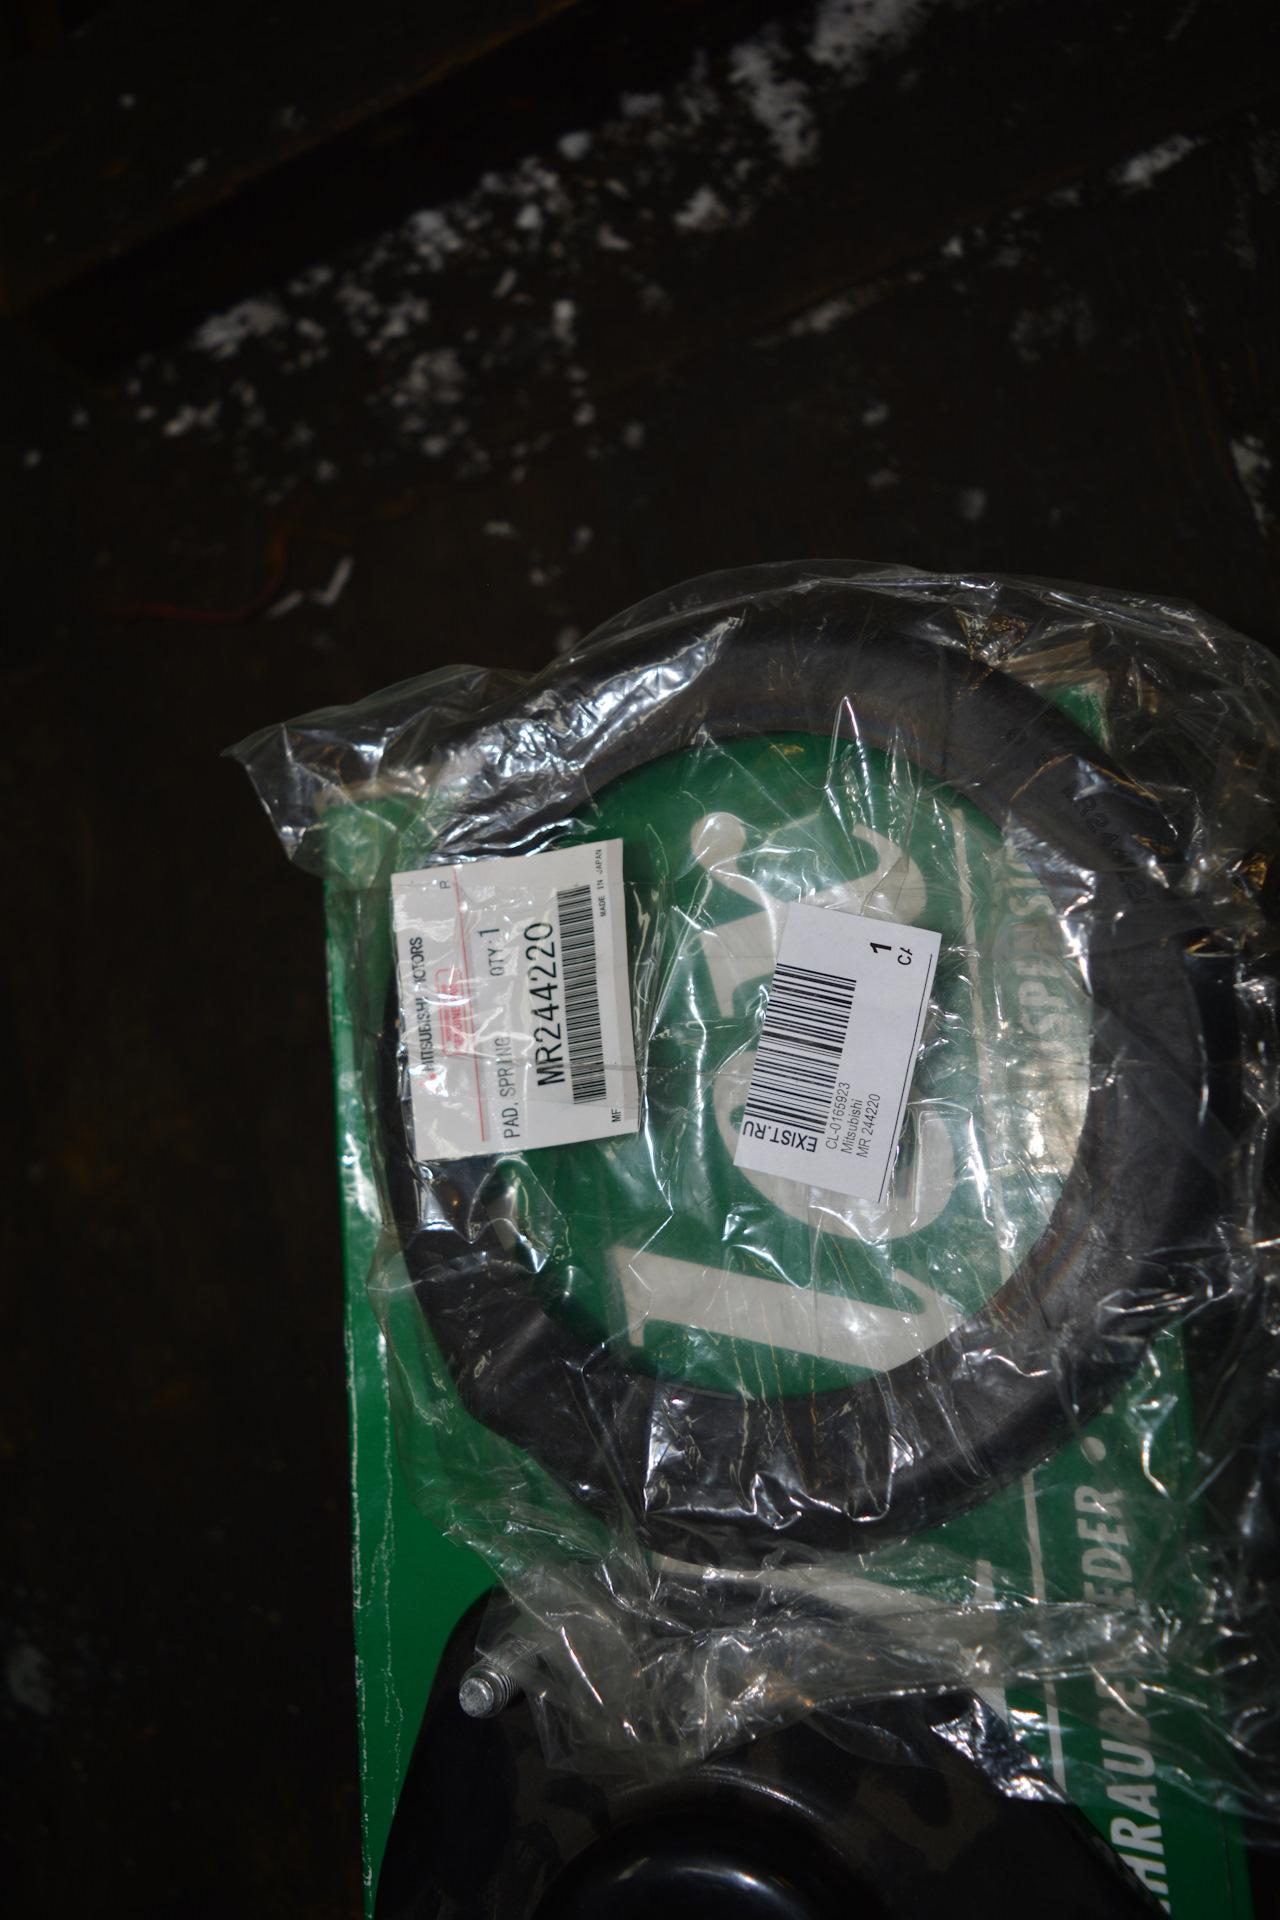 Сайлентблок полиуретановый mr 554381 норматив расхода шпатлевки